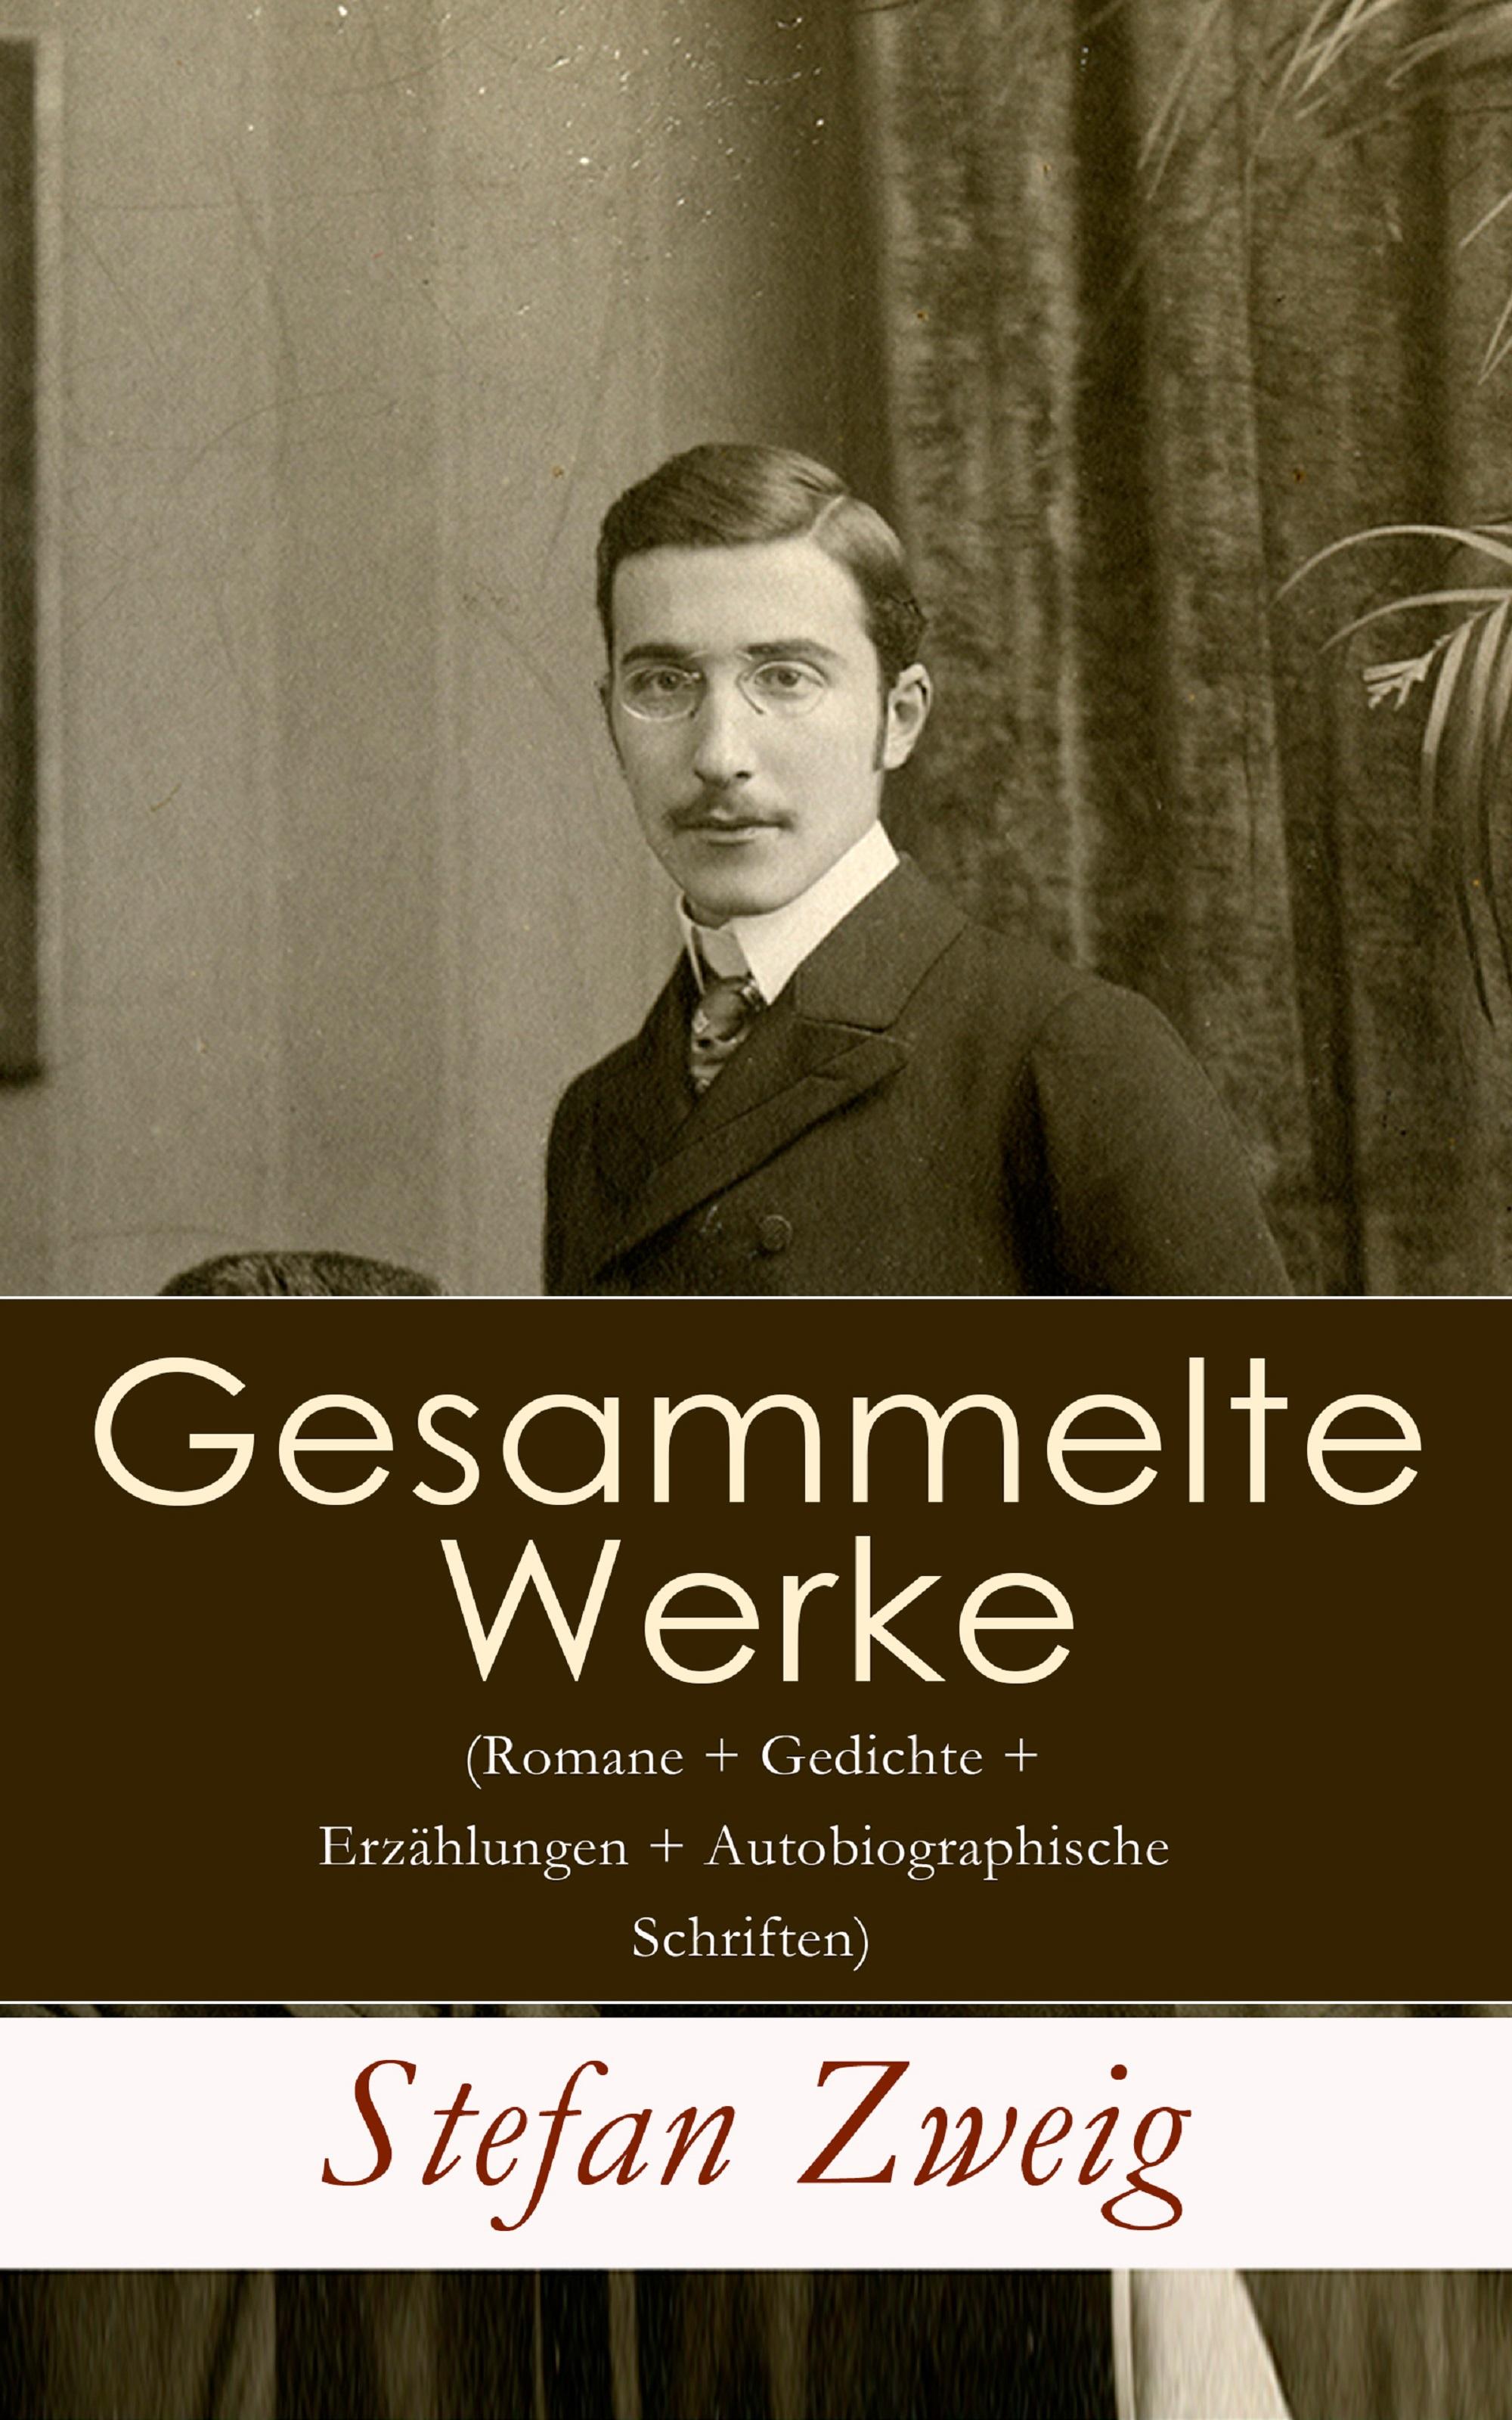 gesammelte werke romane gedichte erzahlungen autobiographische schriften